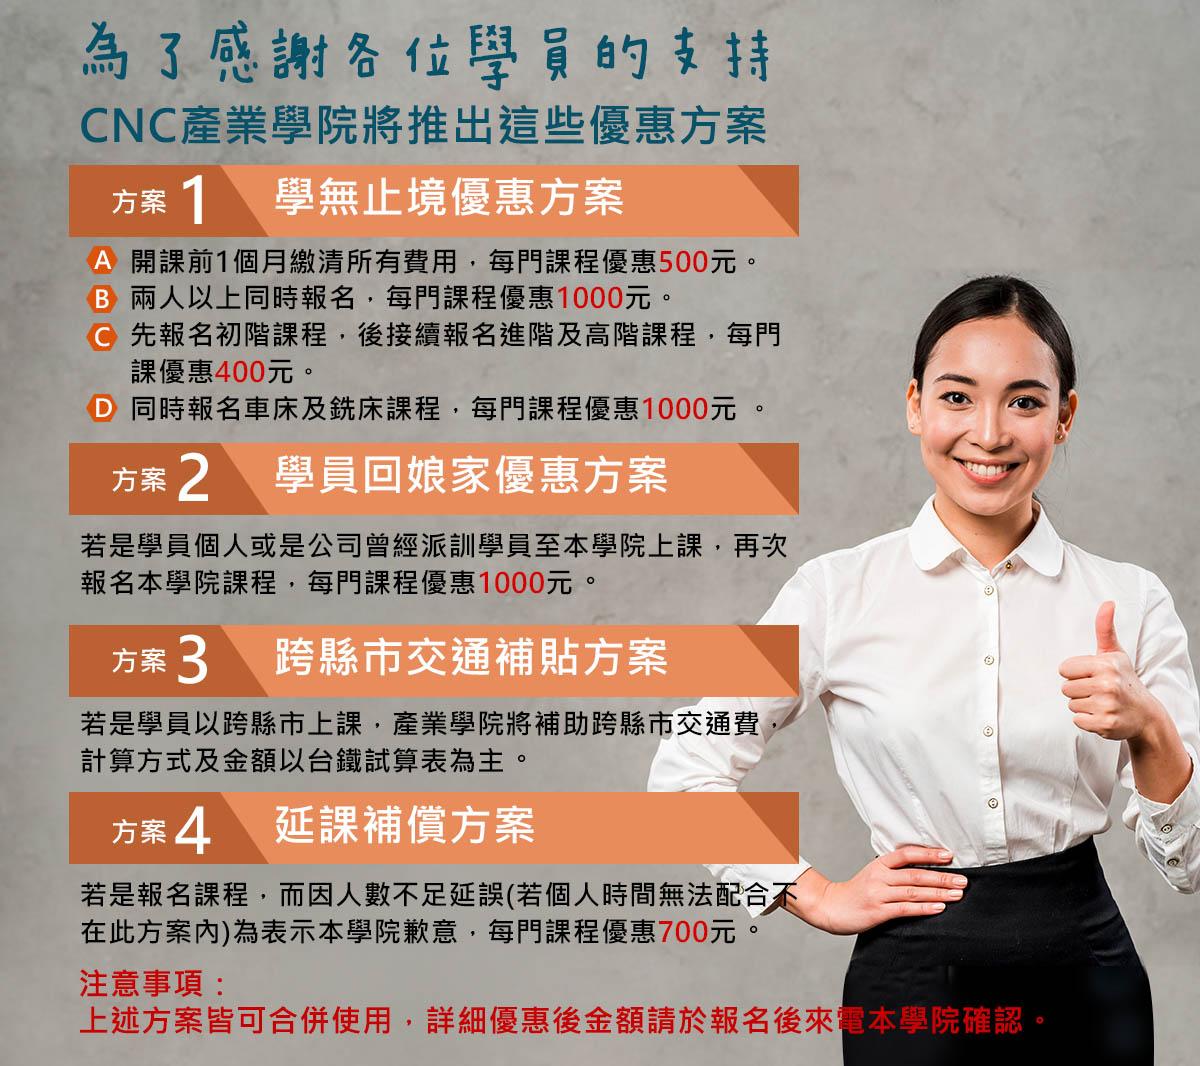 CNC產業學院優惠方案